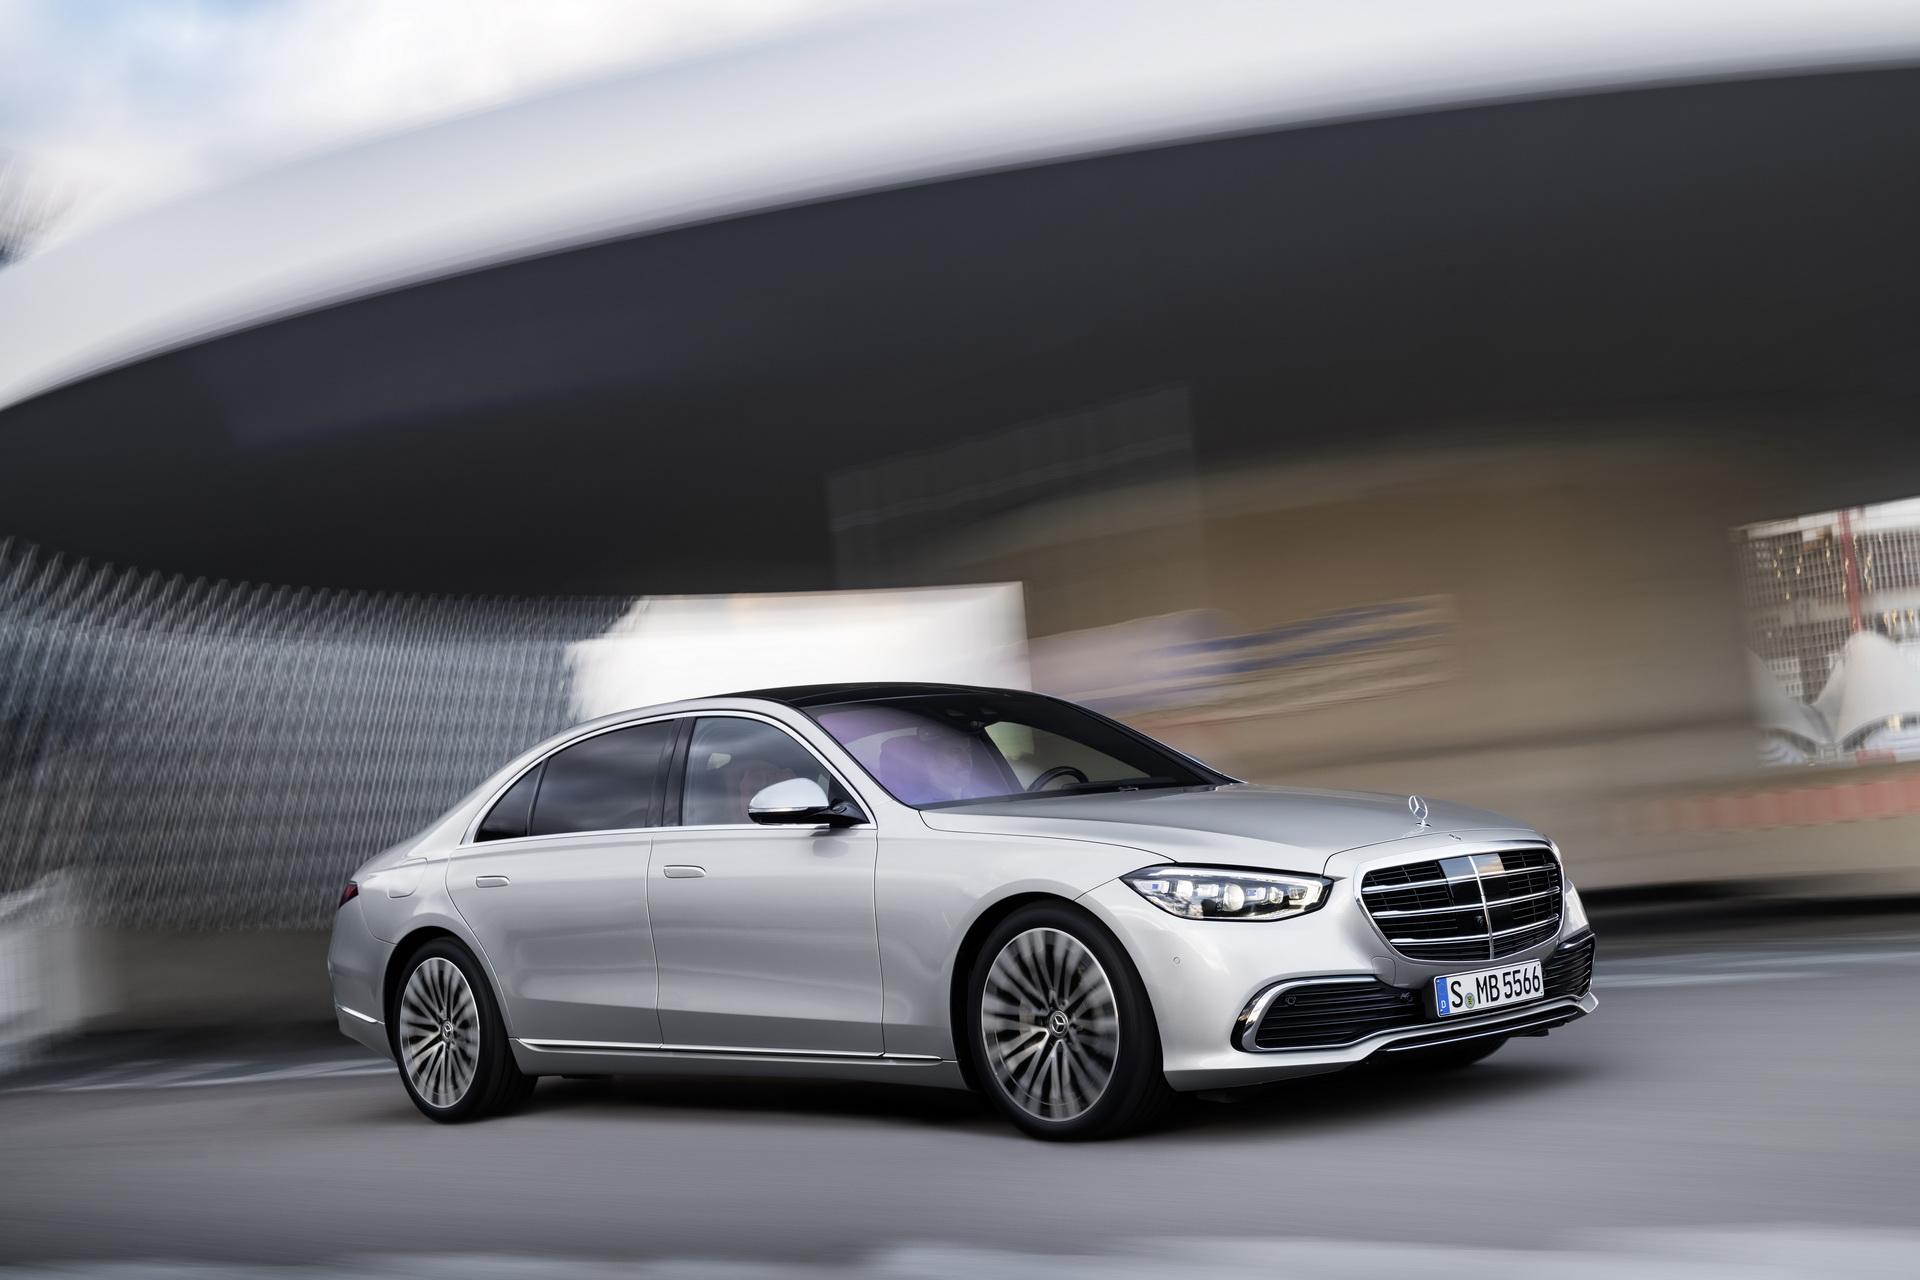 Mercedes-Benz gửi lời xin lỗi tới khách hàng vì phải triệu hồi S-Class thế hệ mới